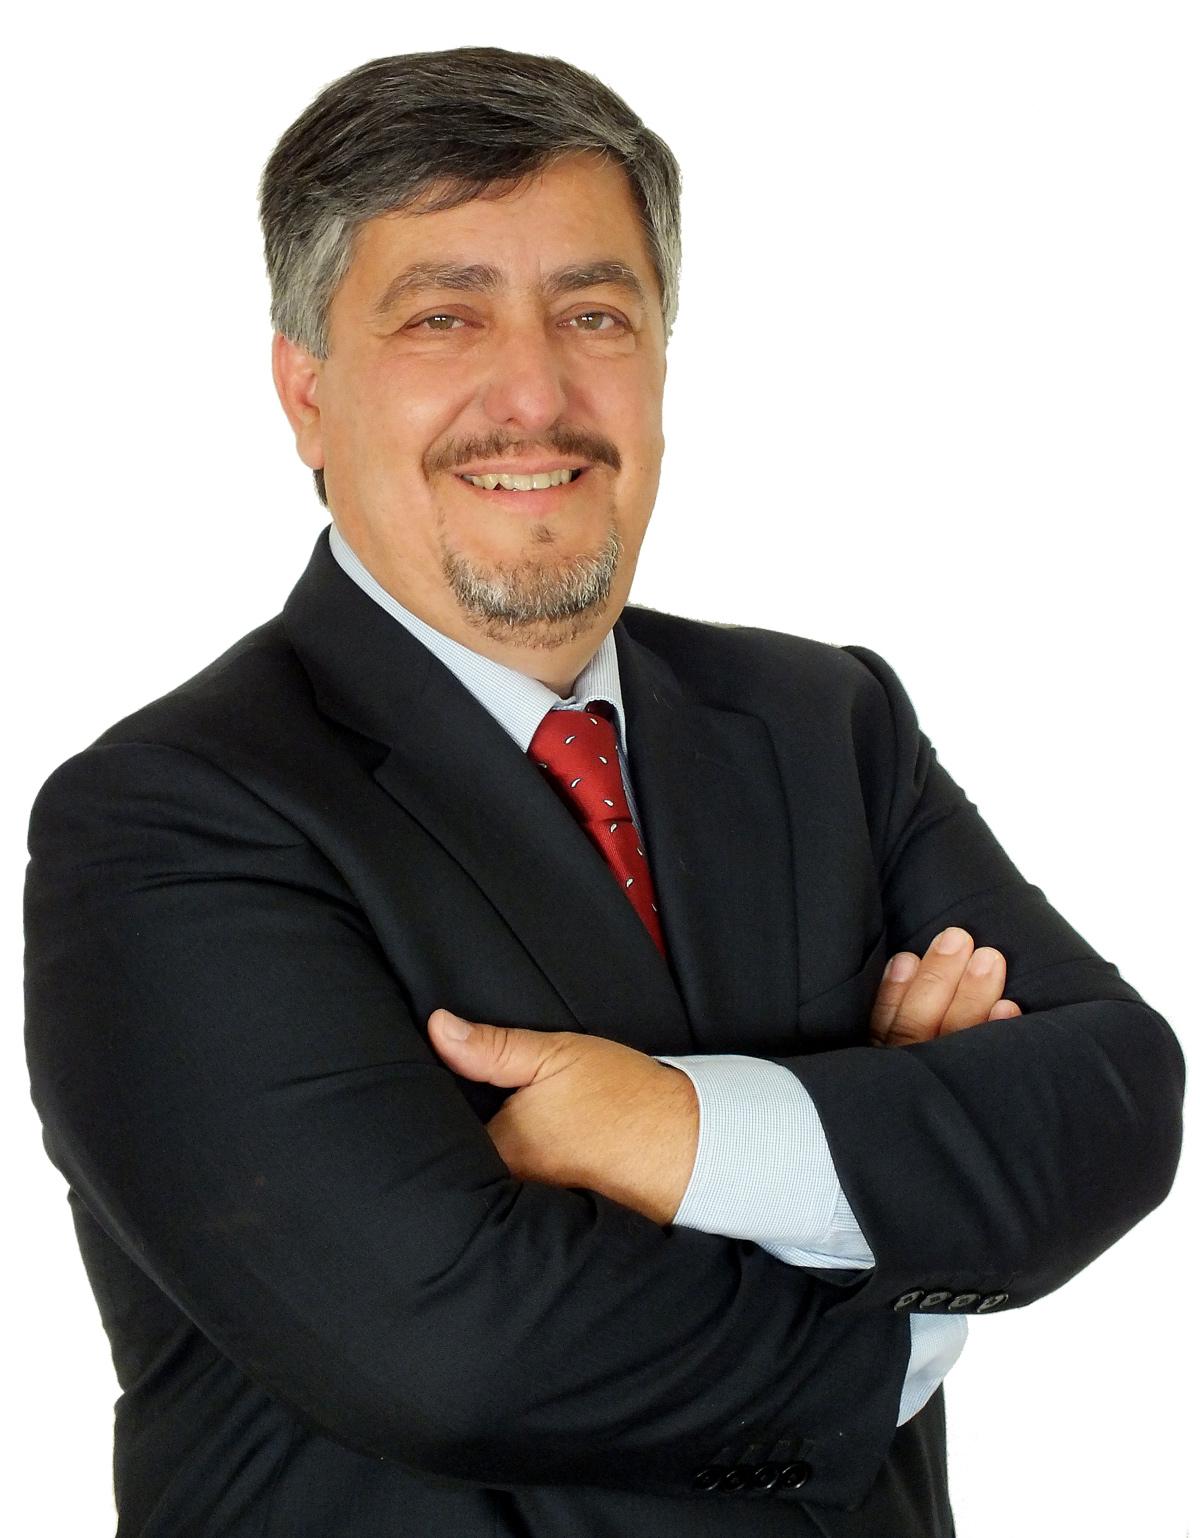 Francisco Bacelar, presidente da Associação dos Mediadores do Imobiliário de Portugal / ASMIP